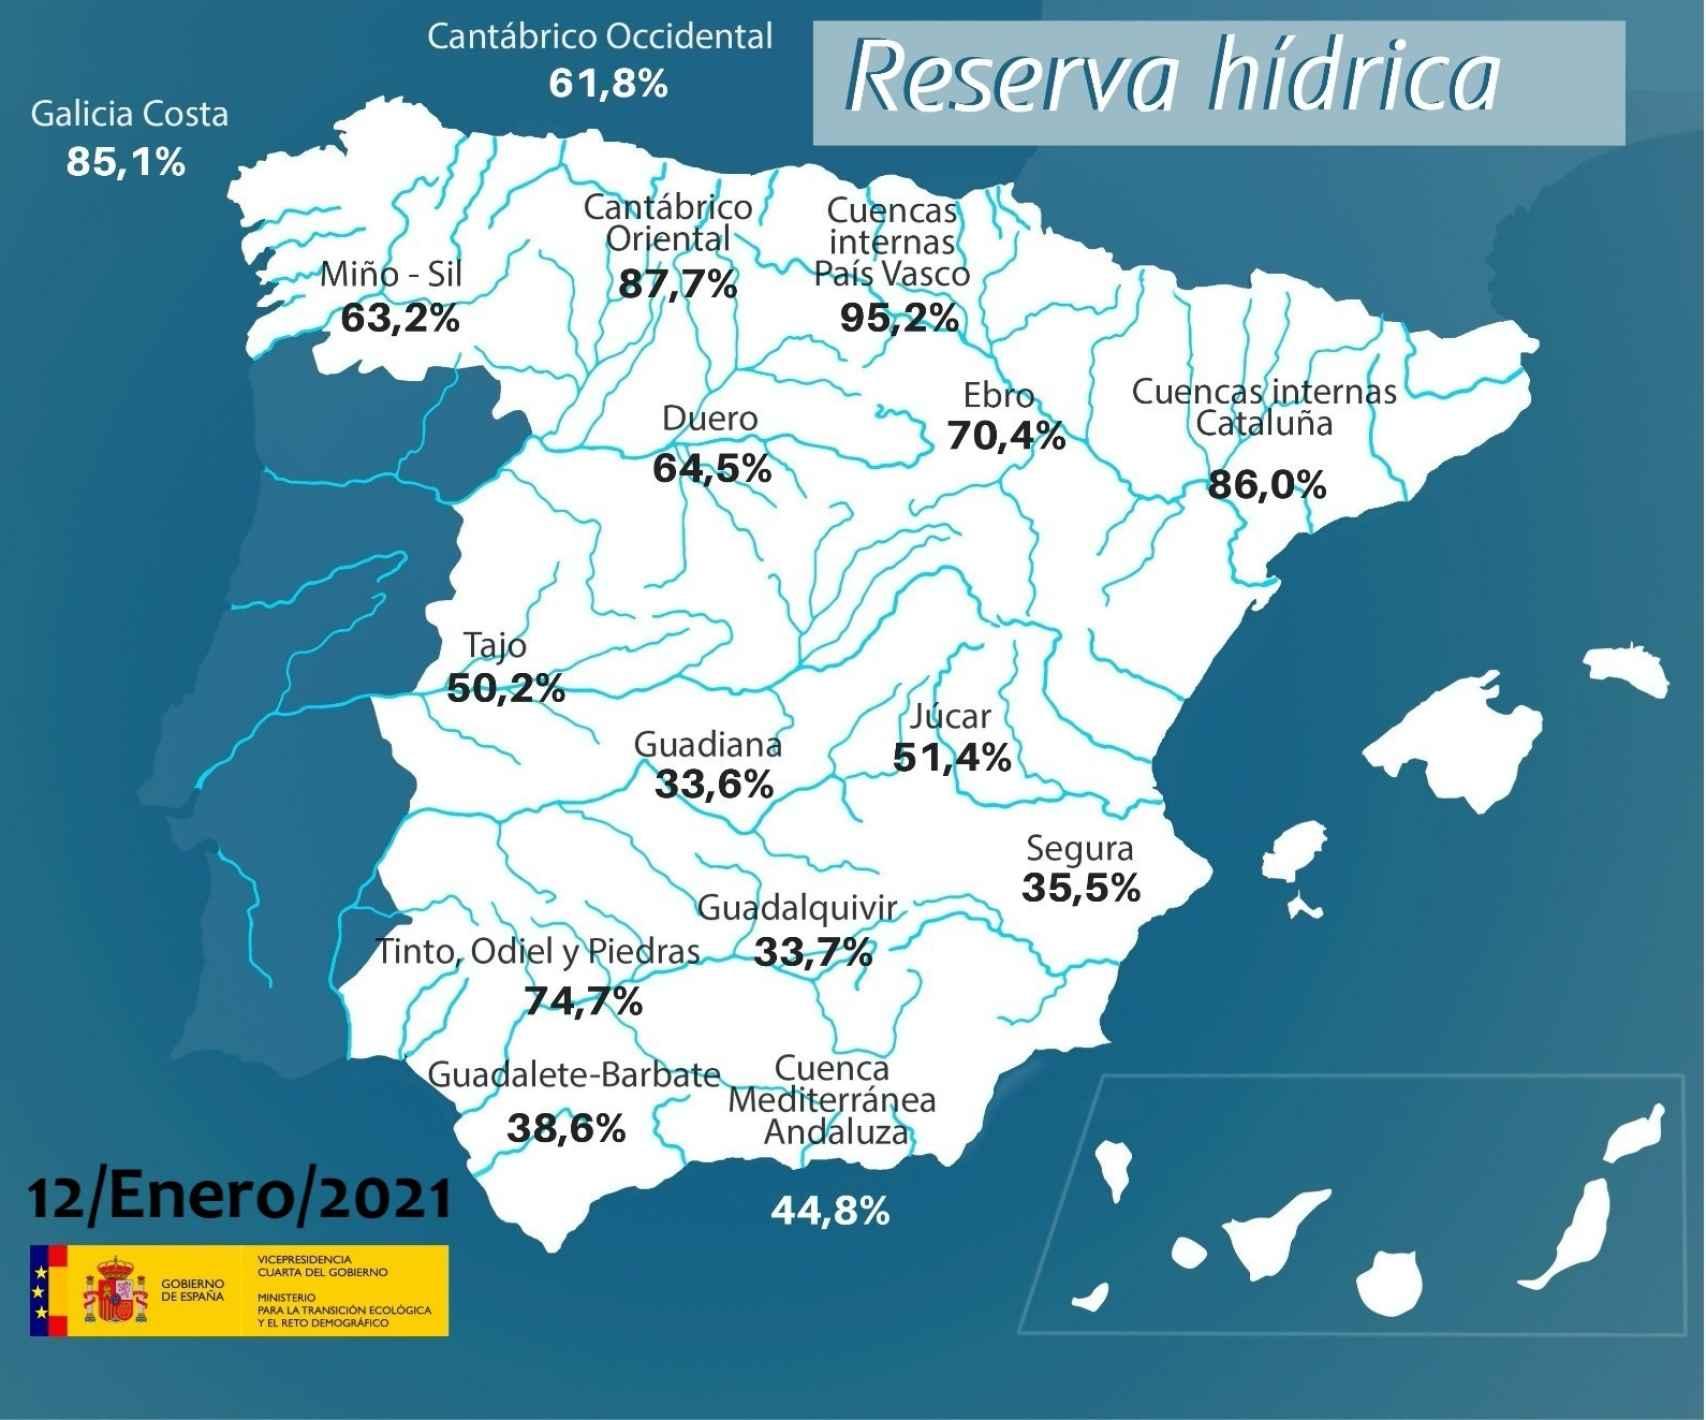 Reserva hídrica 12 enero 2021